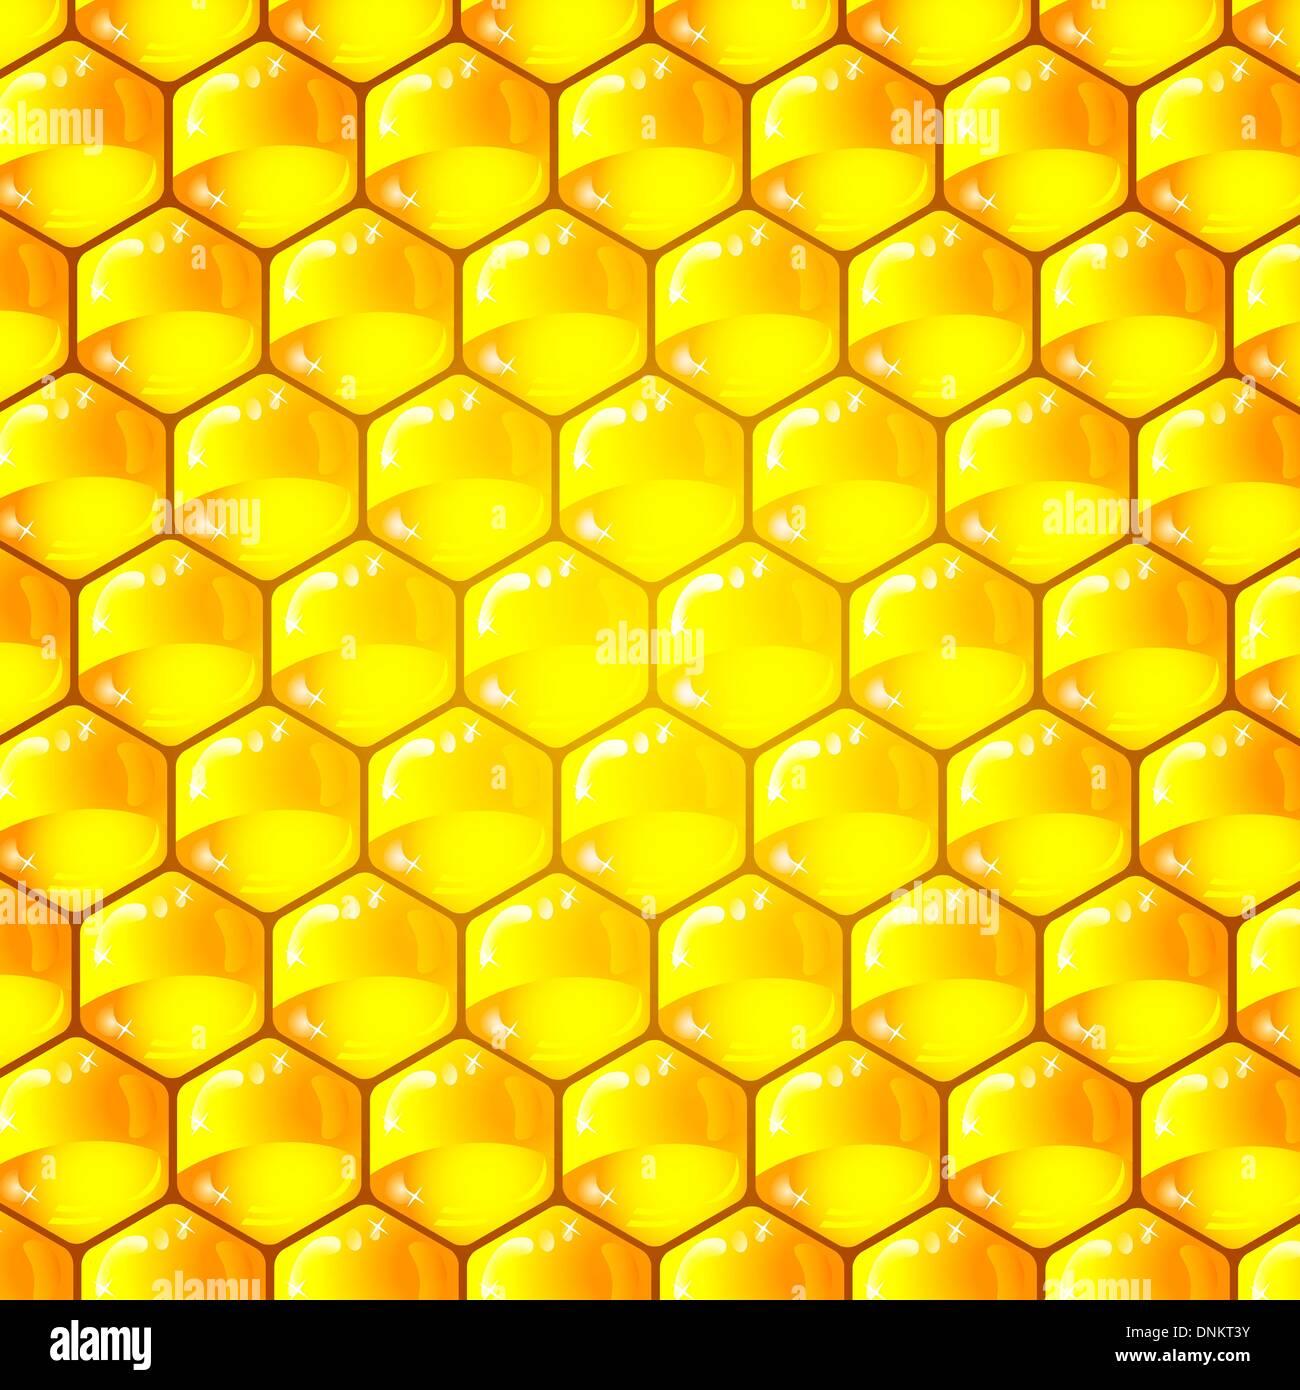 Goldene Zellen von einem Wabenmuster. Vektor-Illustration. Stockbild